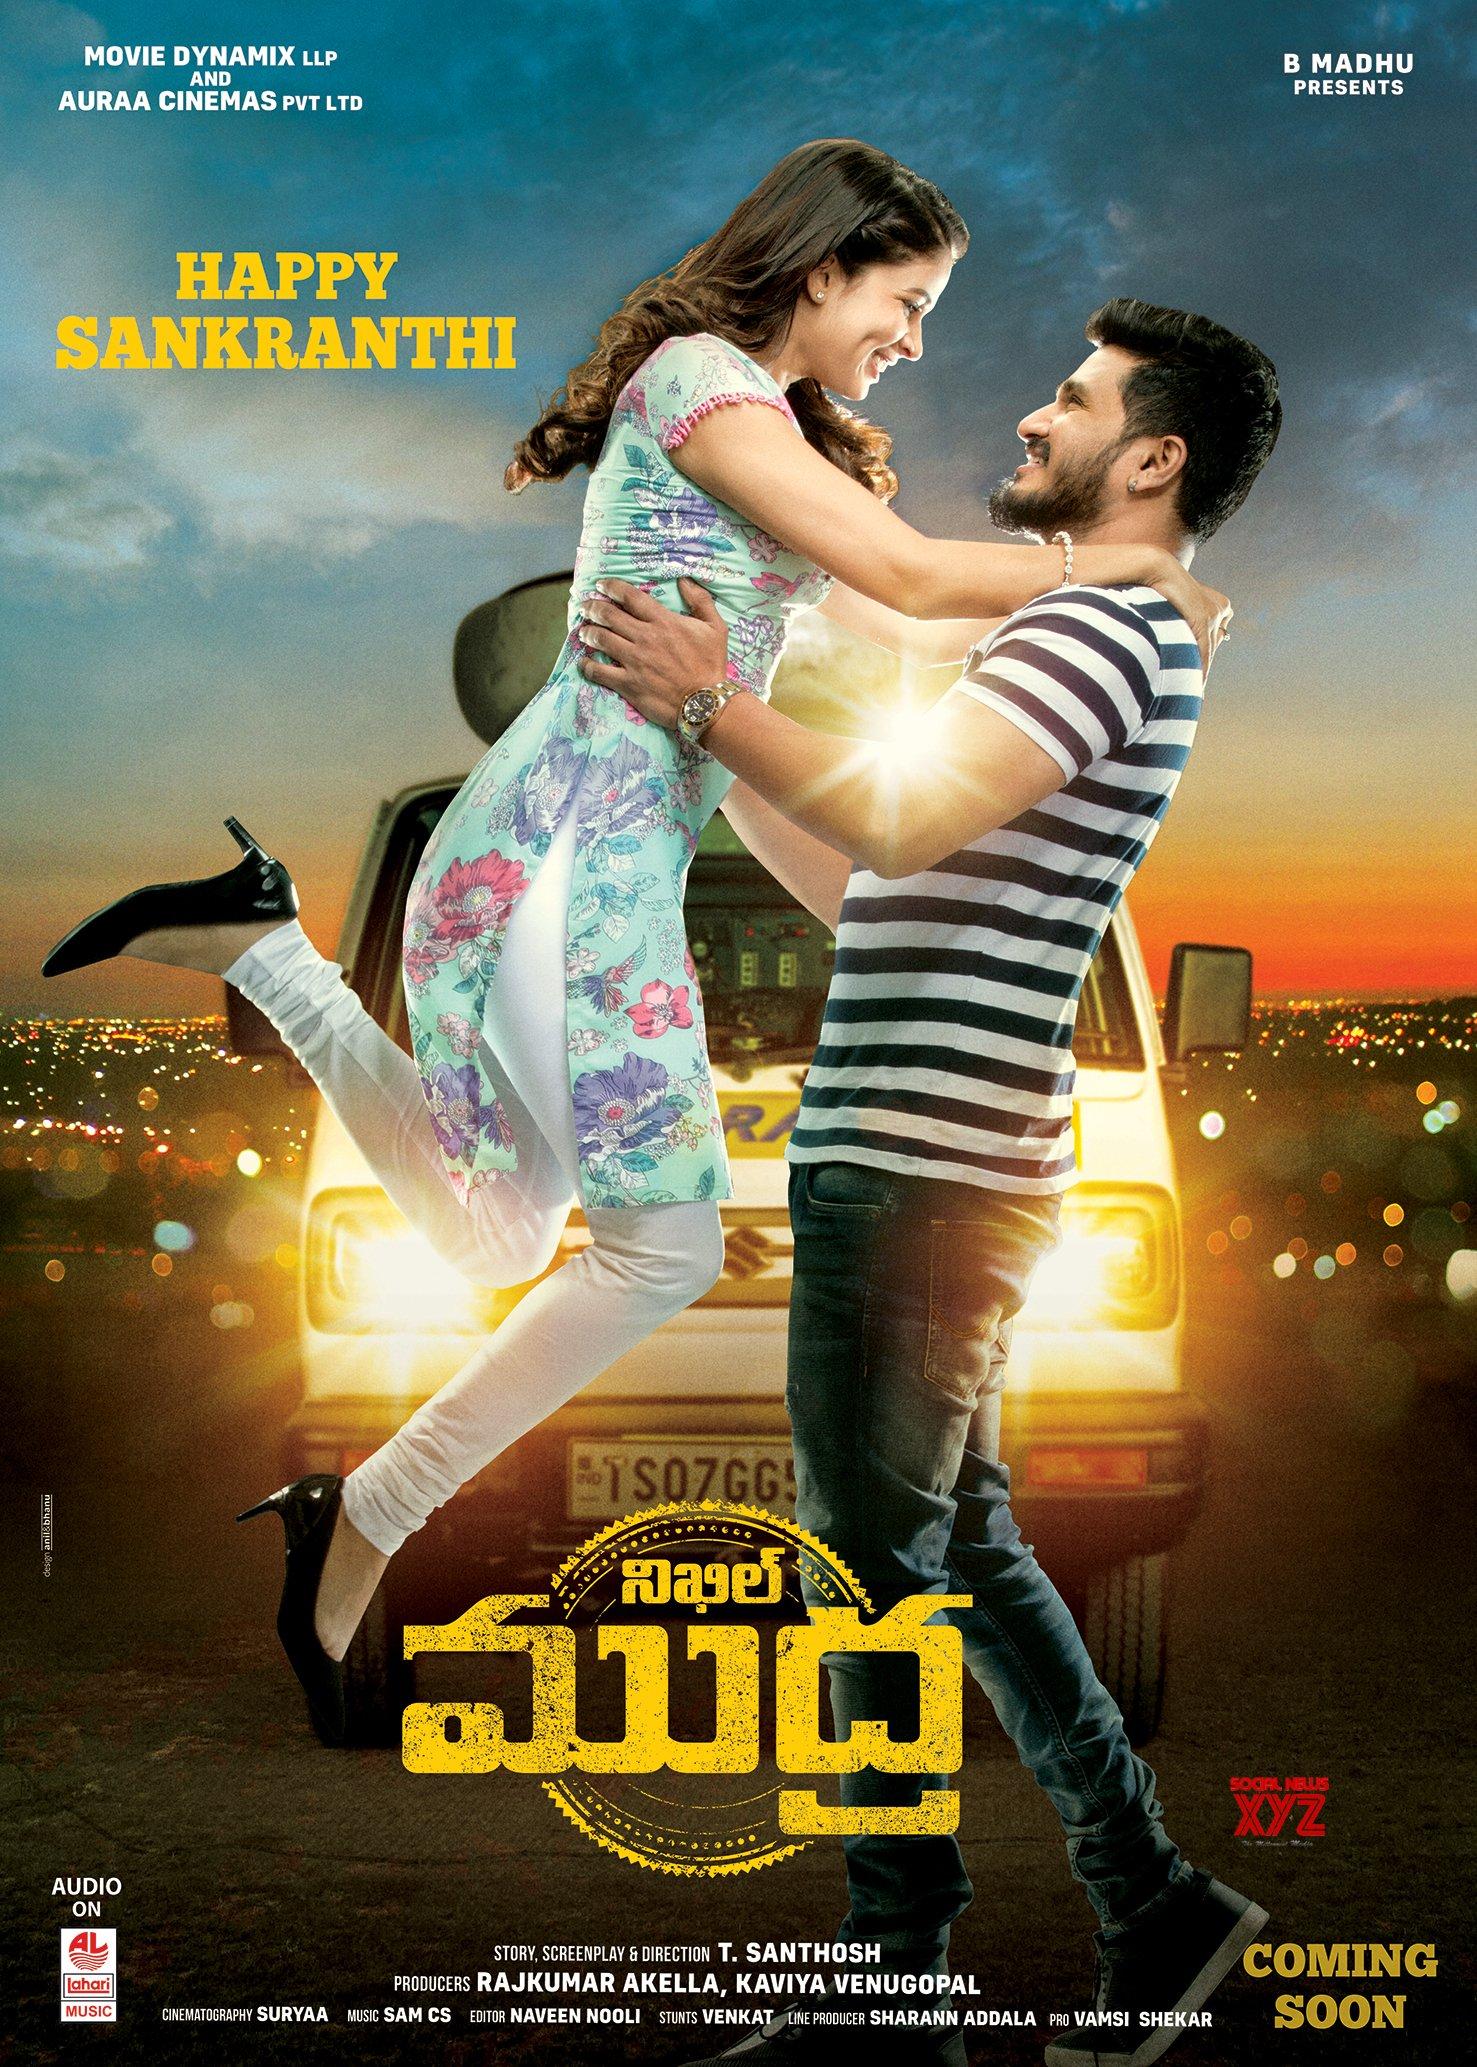 Nikhil's Mudra Movie Happy Sankranthi Poster And Still